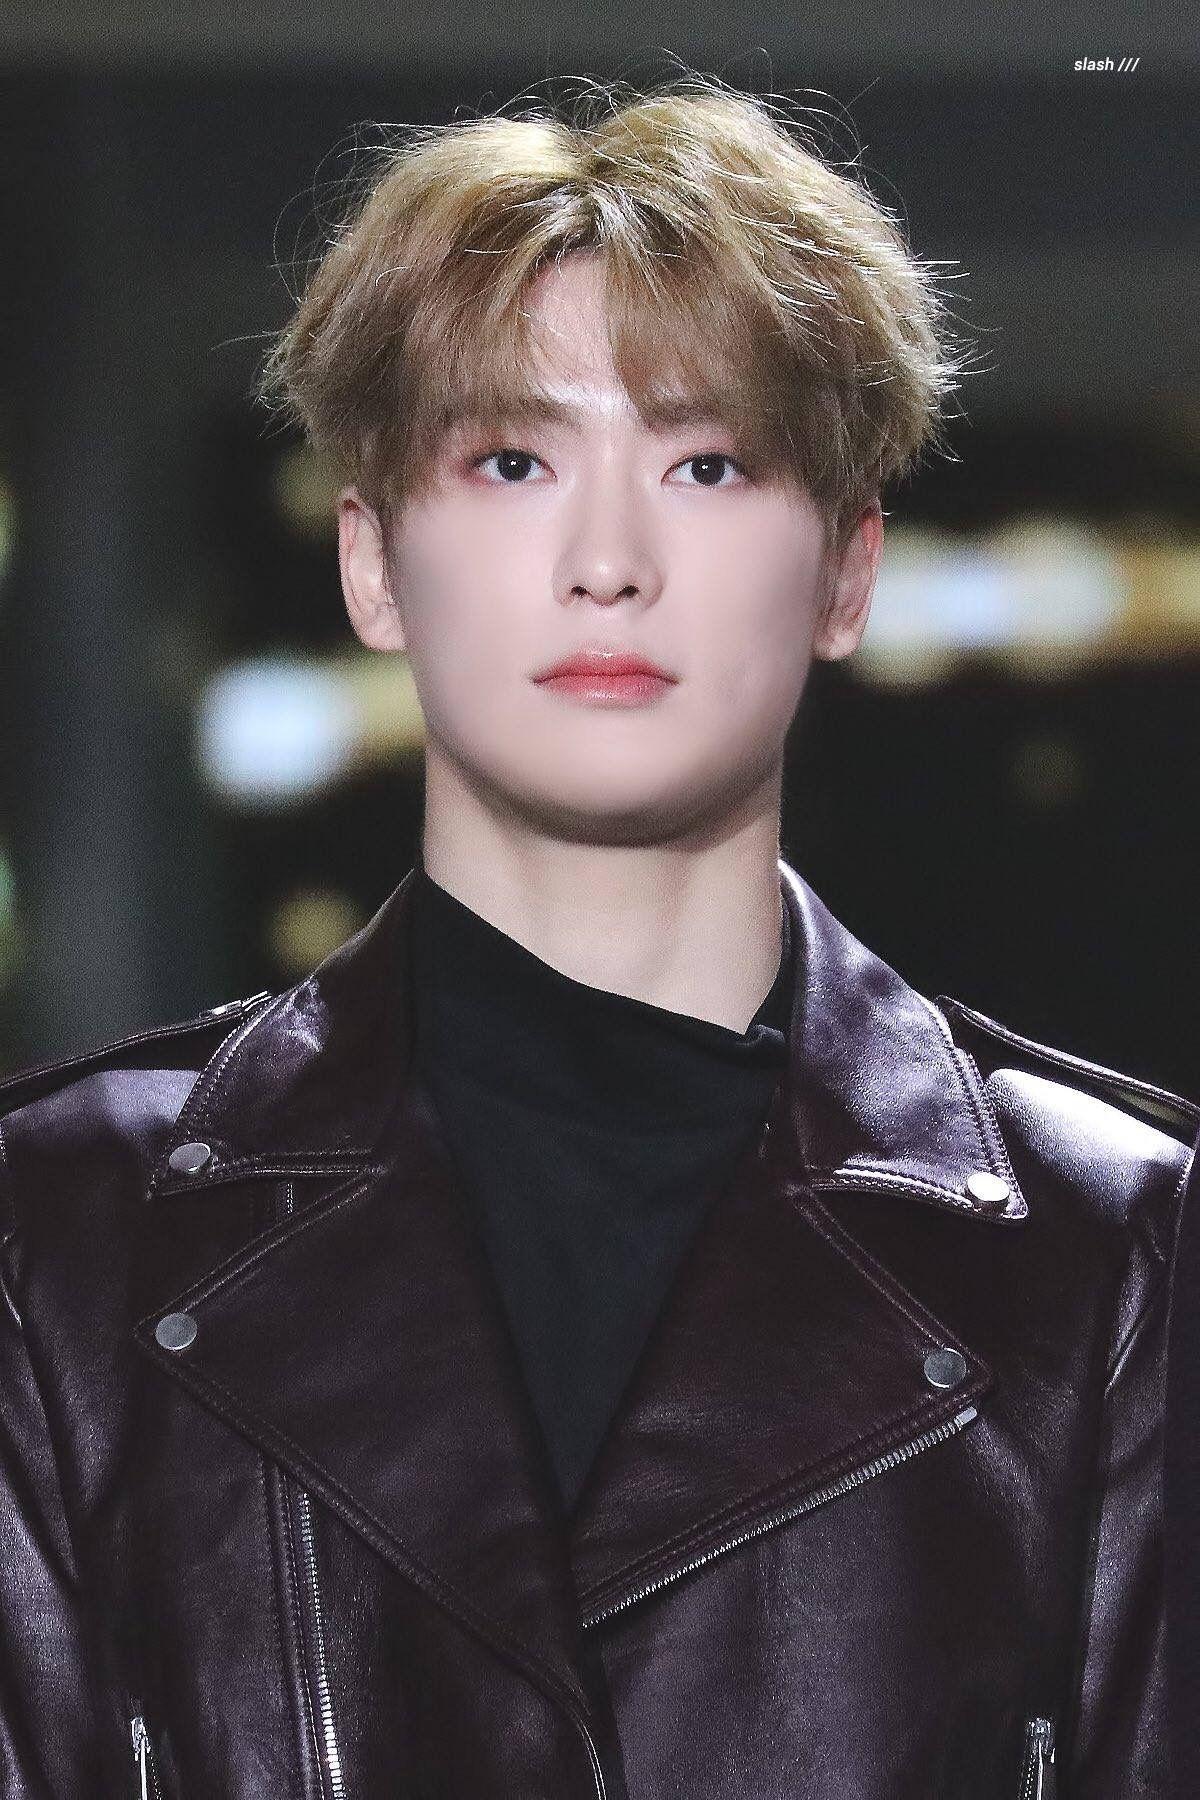 NCT Jaehyun Jaehyun nct, Nct, Jaehyun